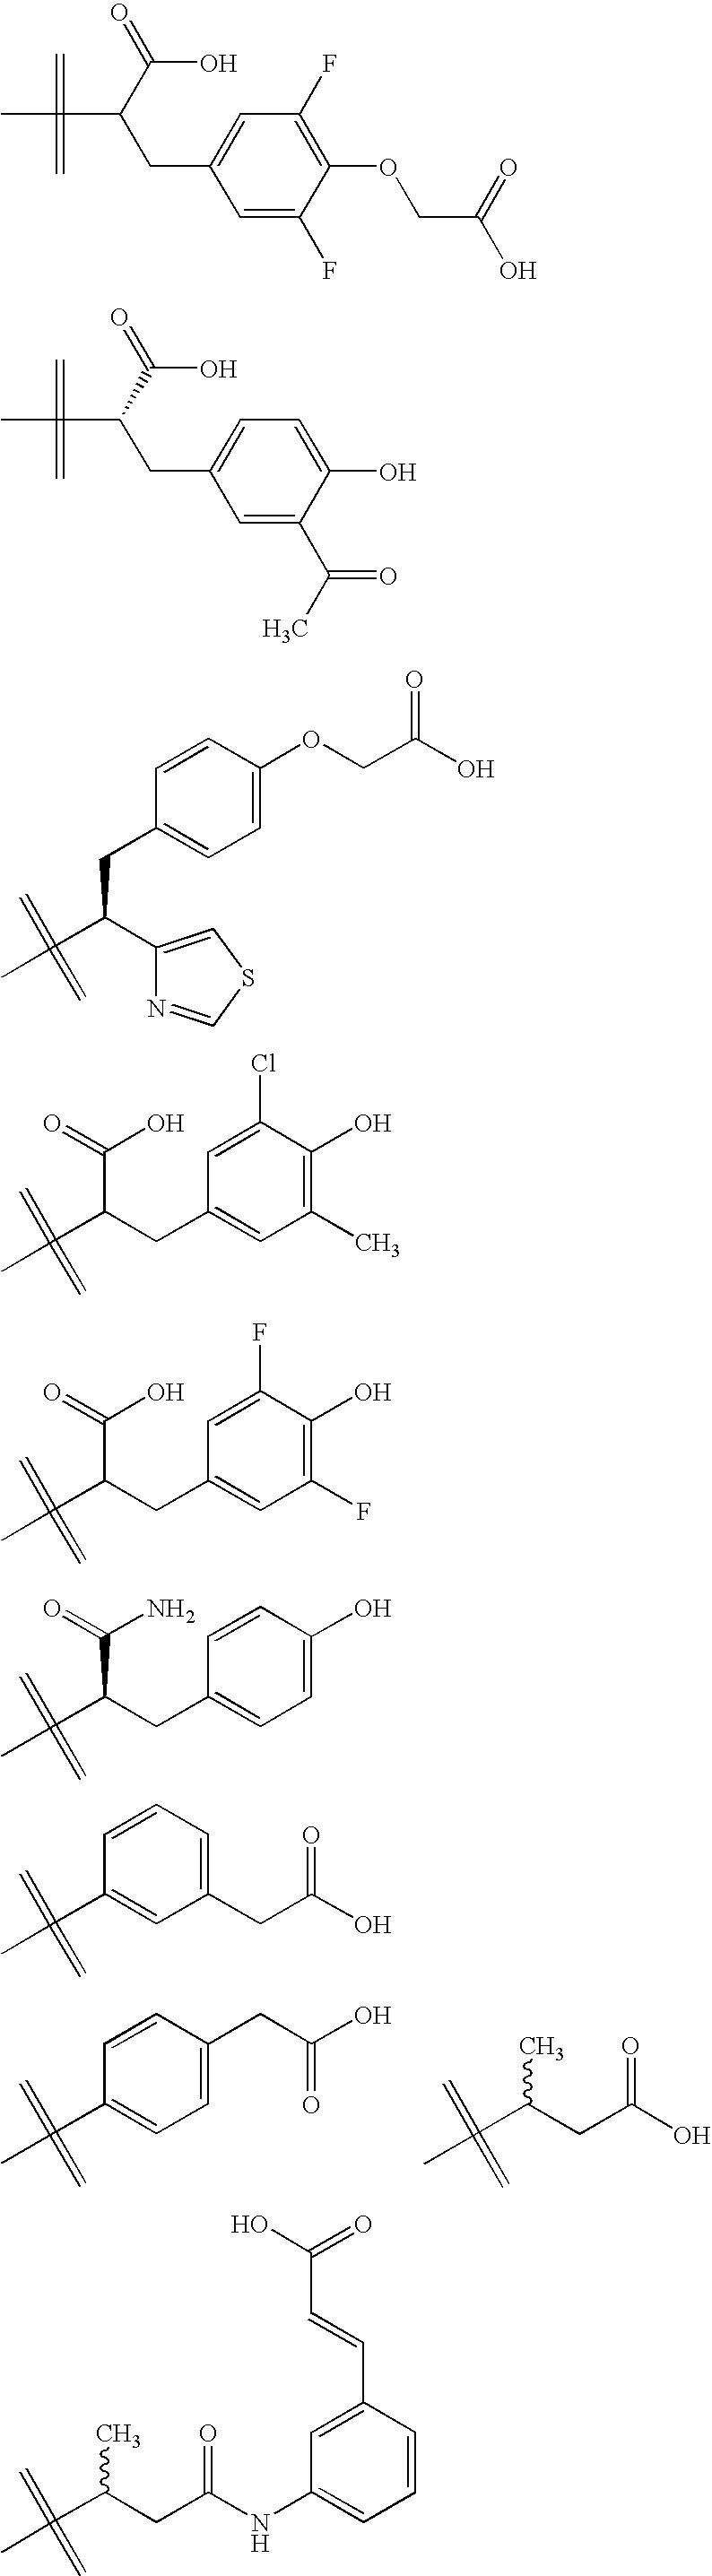 Figure US20070049593A1-20070301-C00095